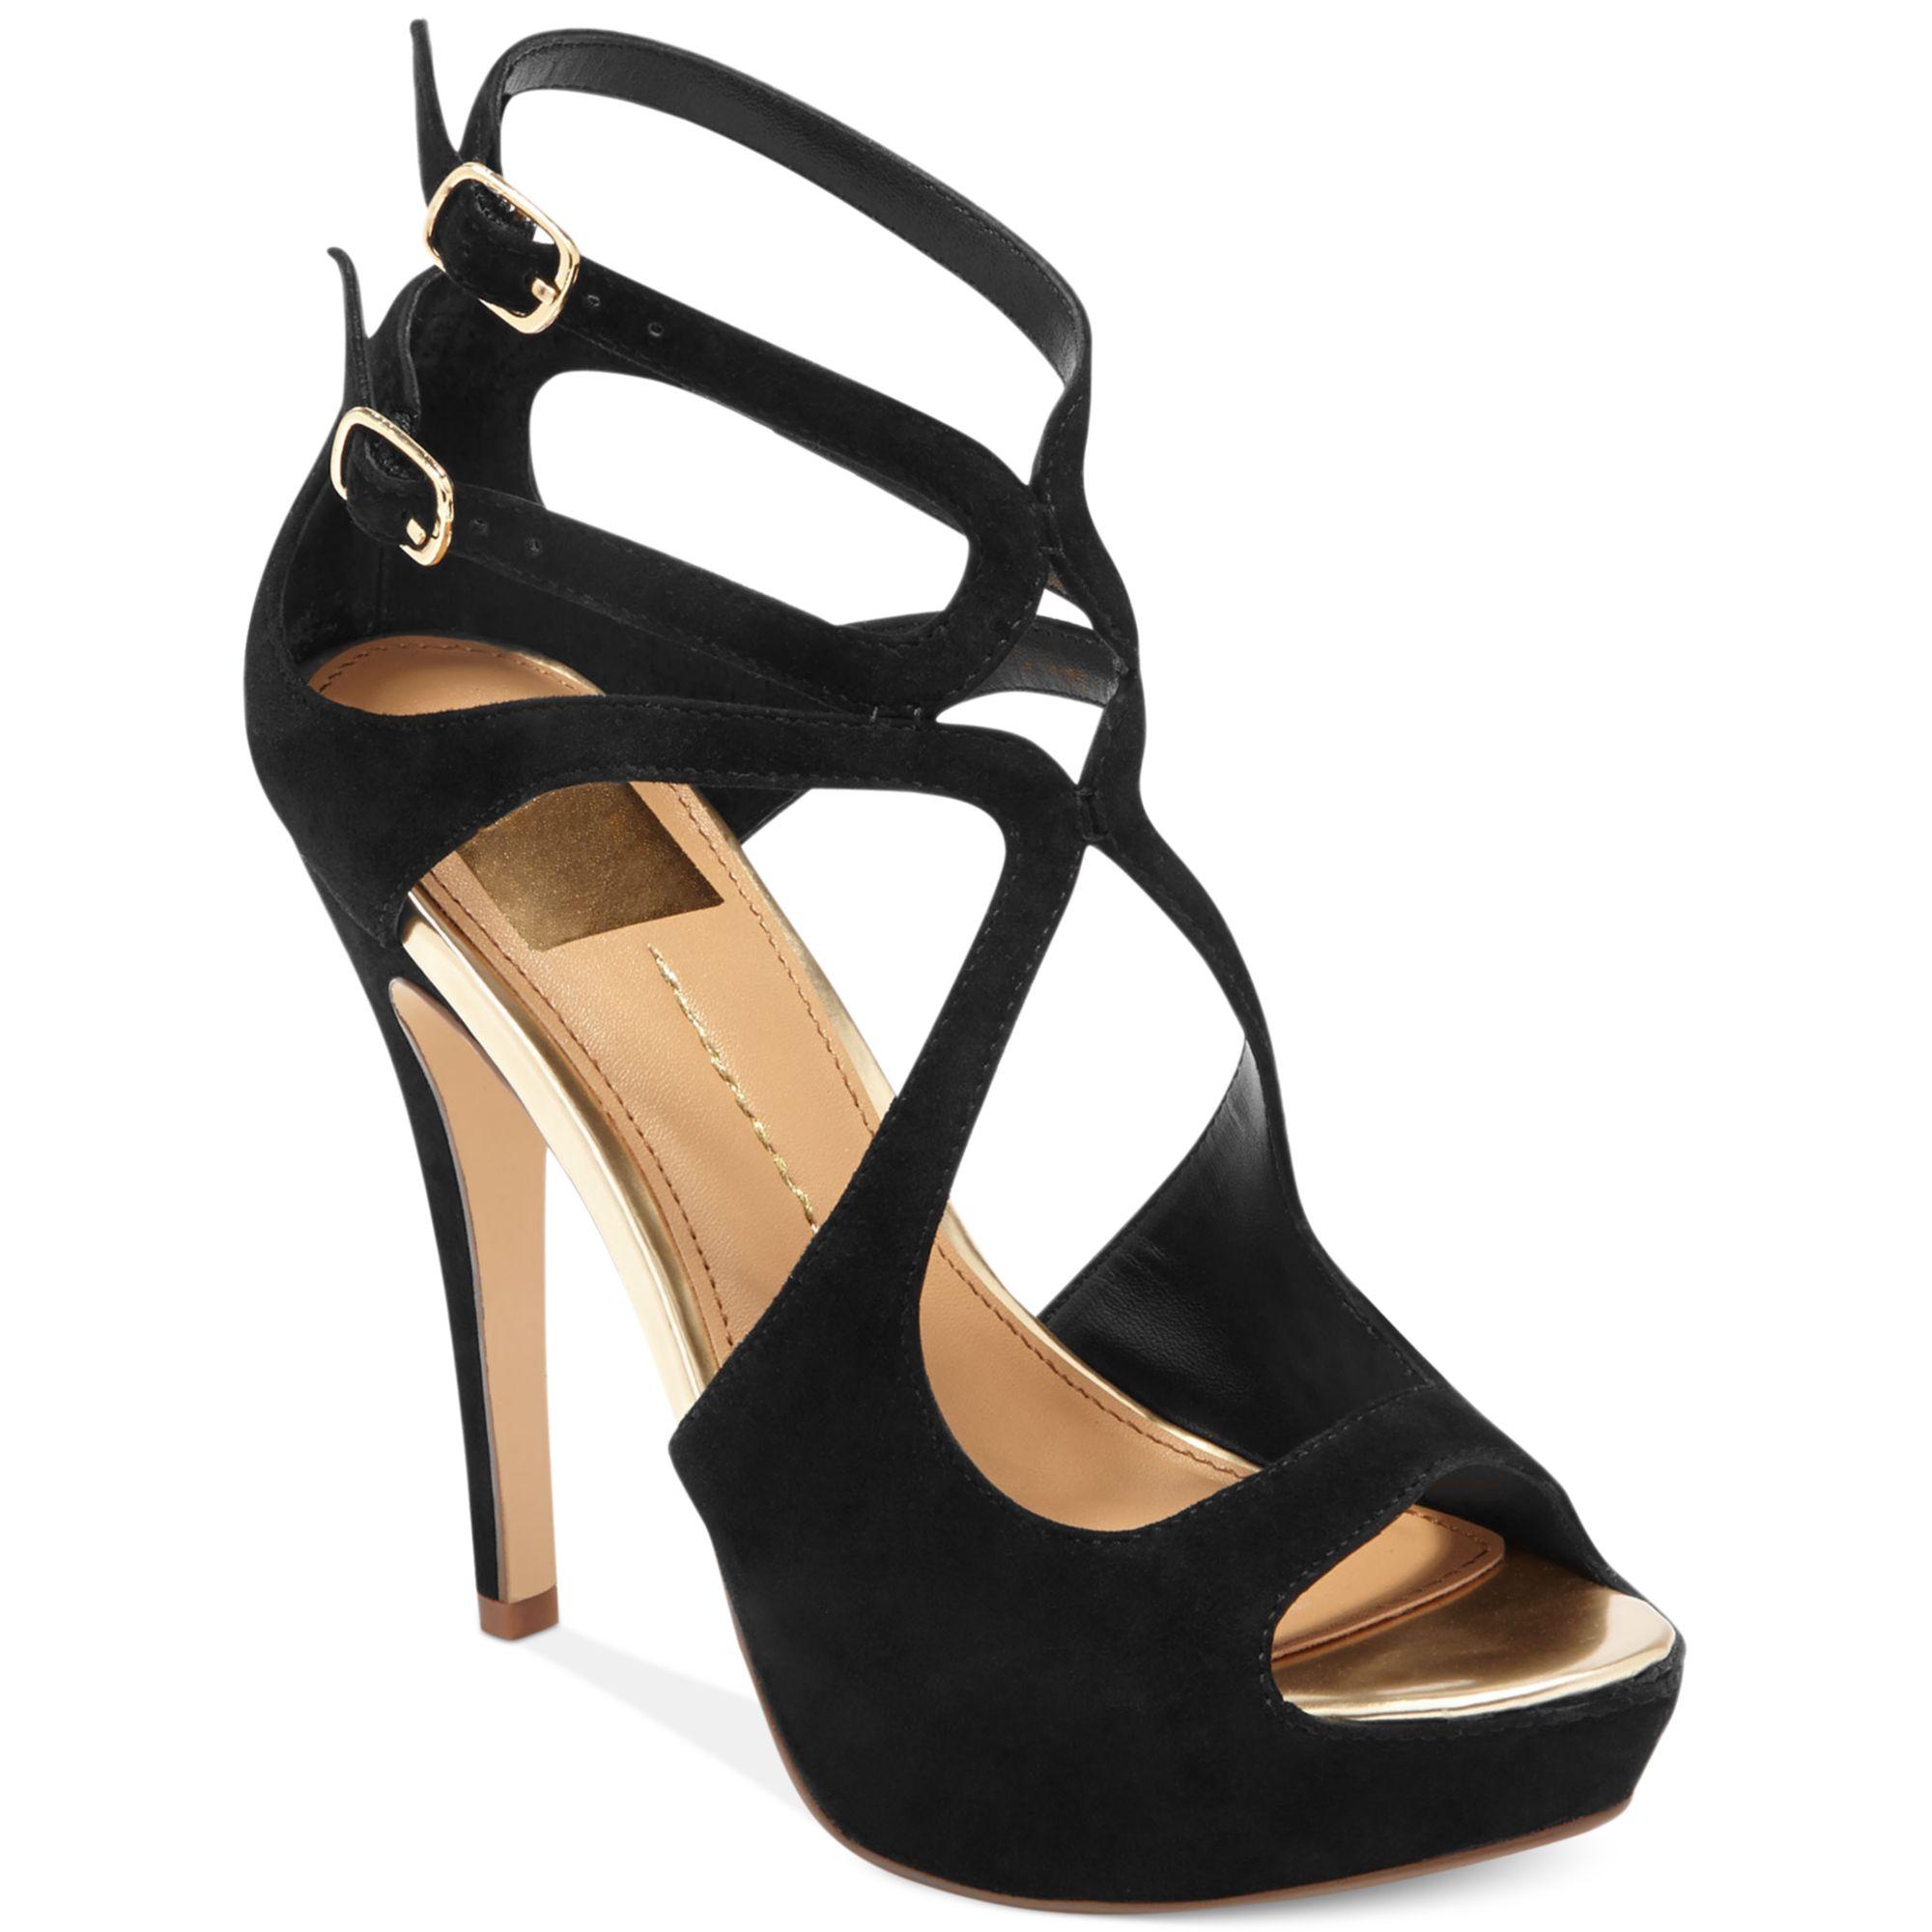 dolce vita dv by brielle platform sandals in black lyst